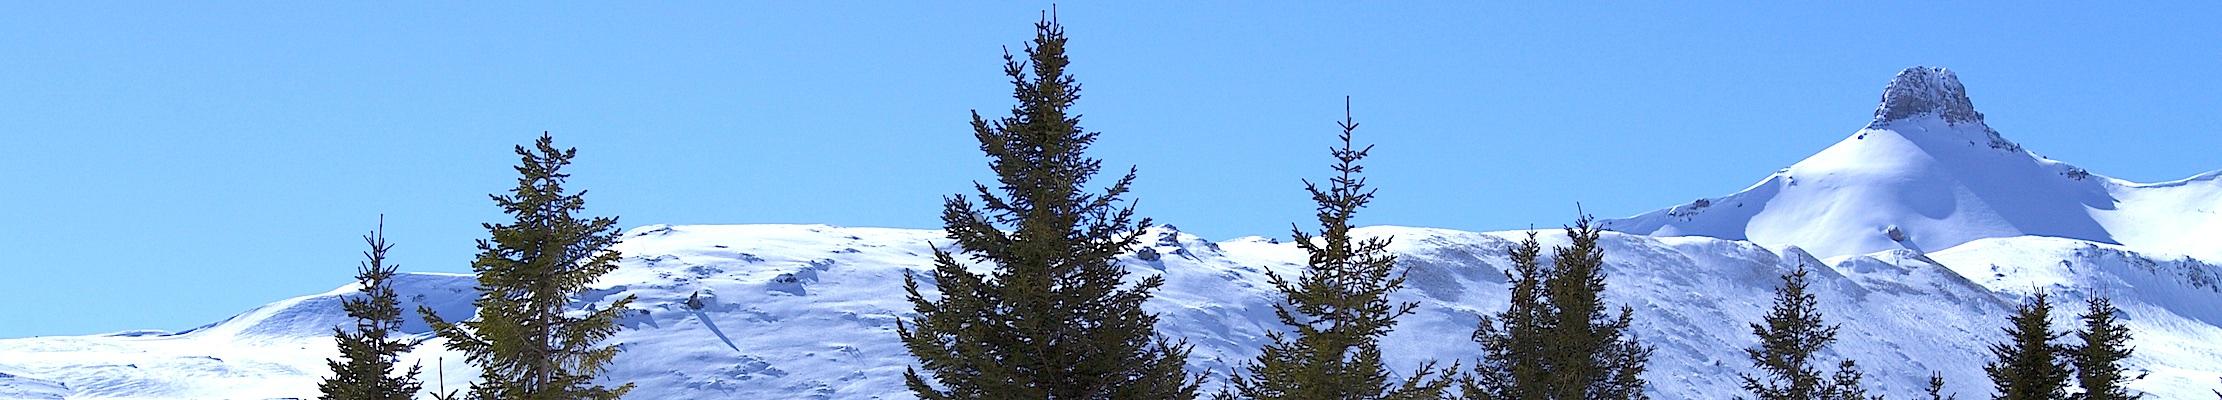 25 февраля (10 марта) 2015. Швейцарские Альпы.